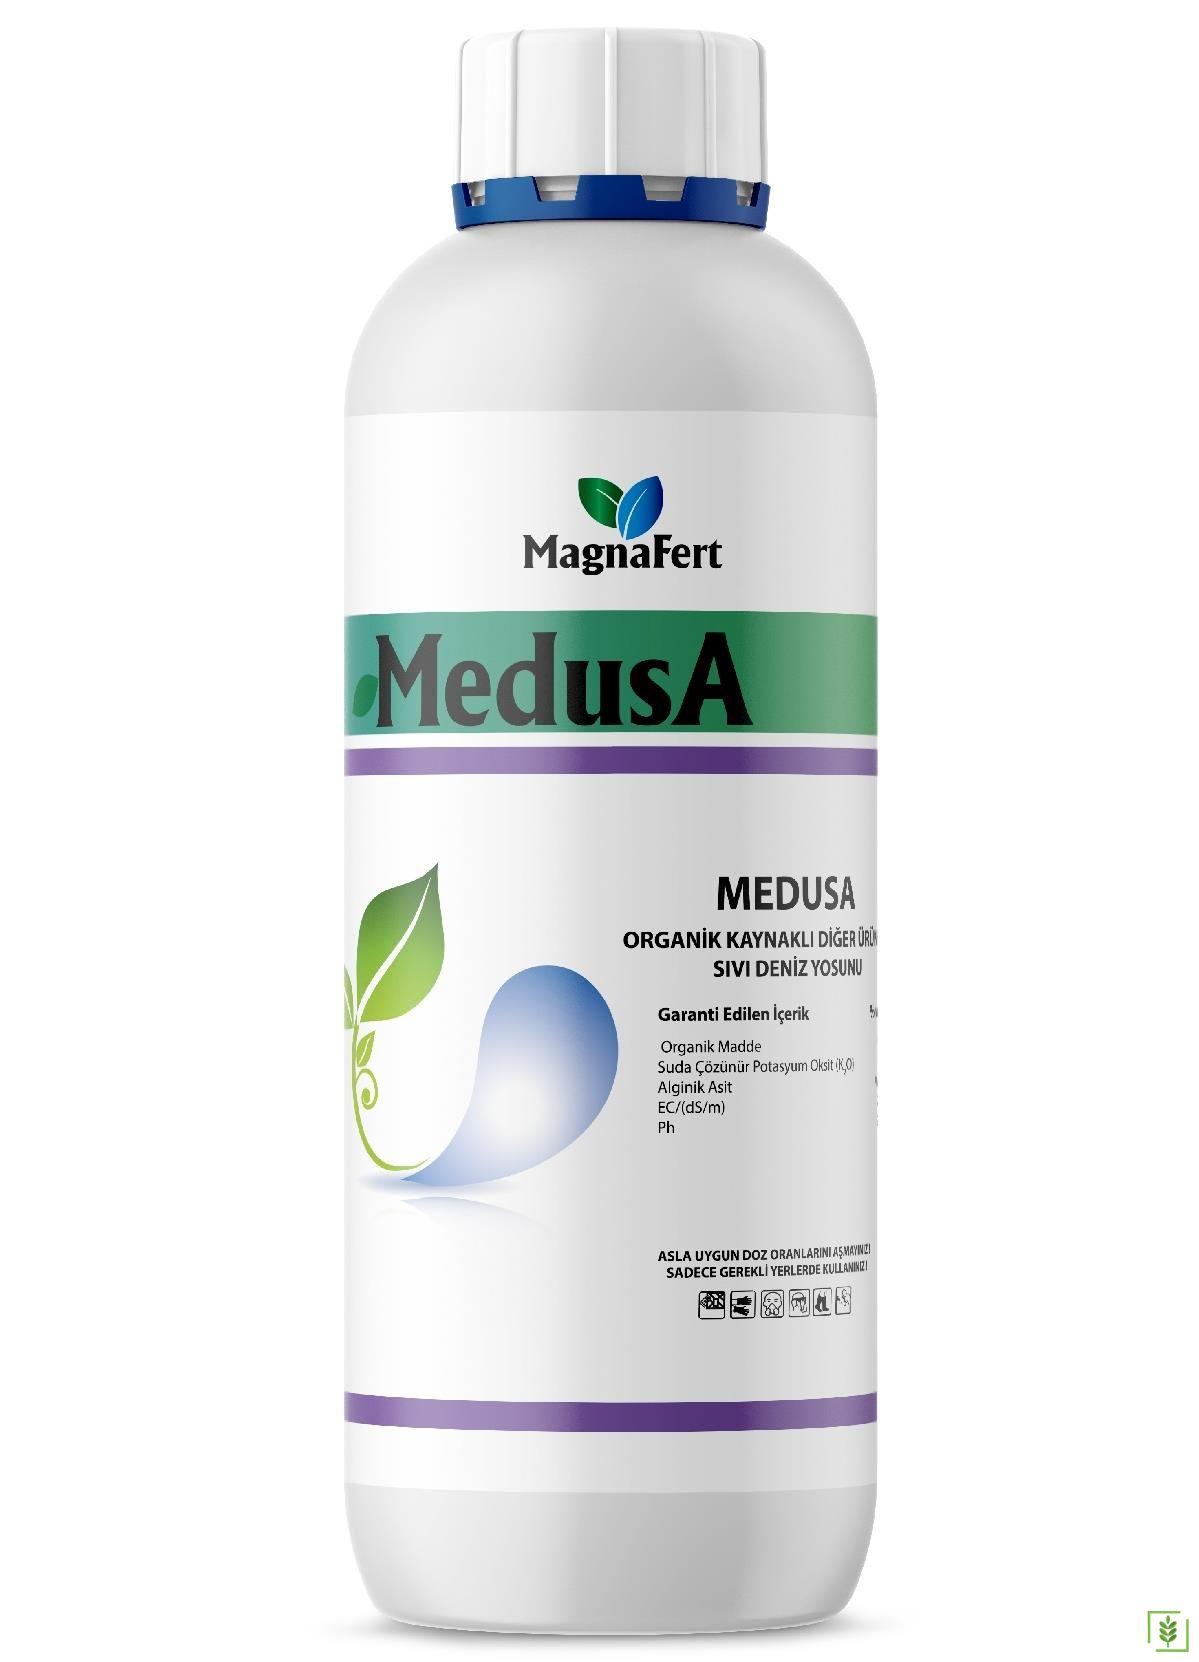 Medusa Organik Sıvı Deniz Yosunu Gübre 1 Lt